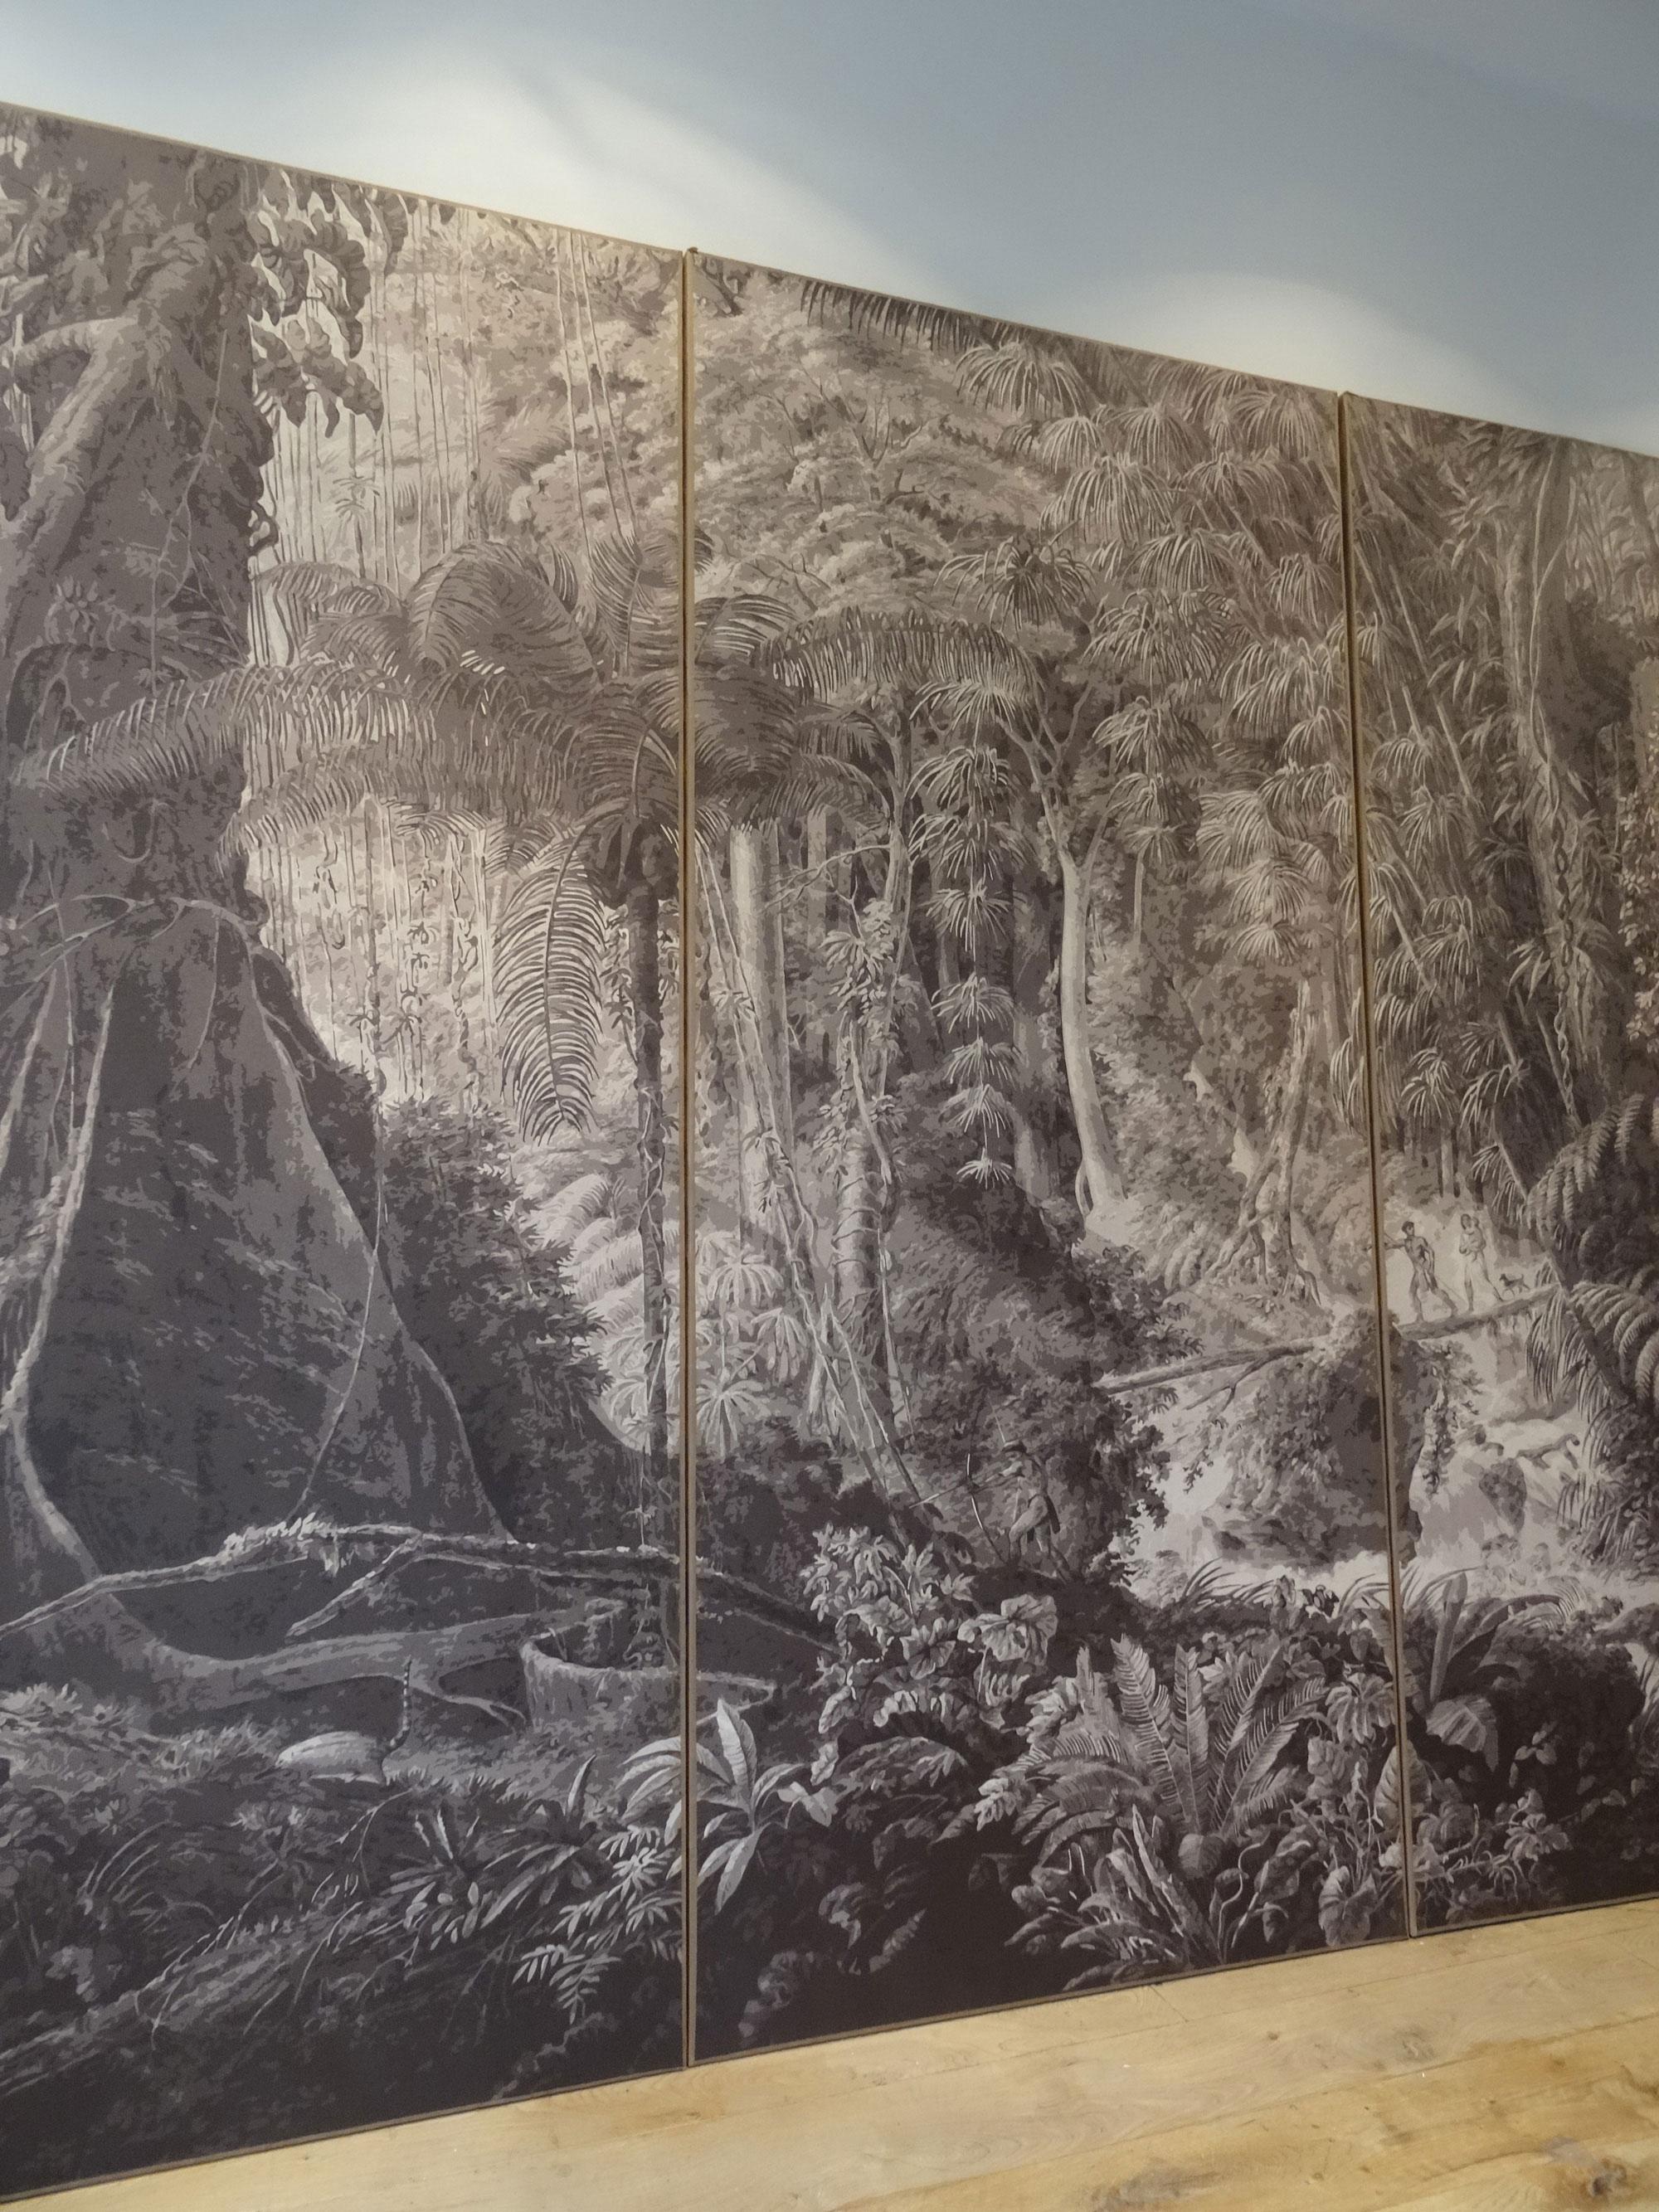 Panneaux de papiers peints maroufl s sur chassis papiers - Installation de papier peint ...